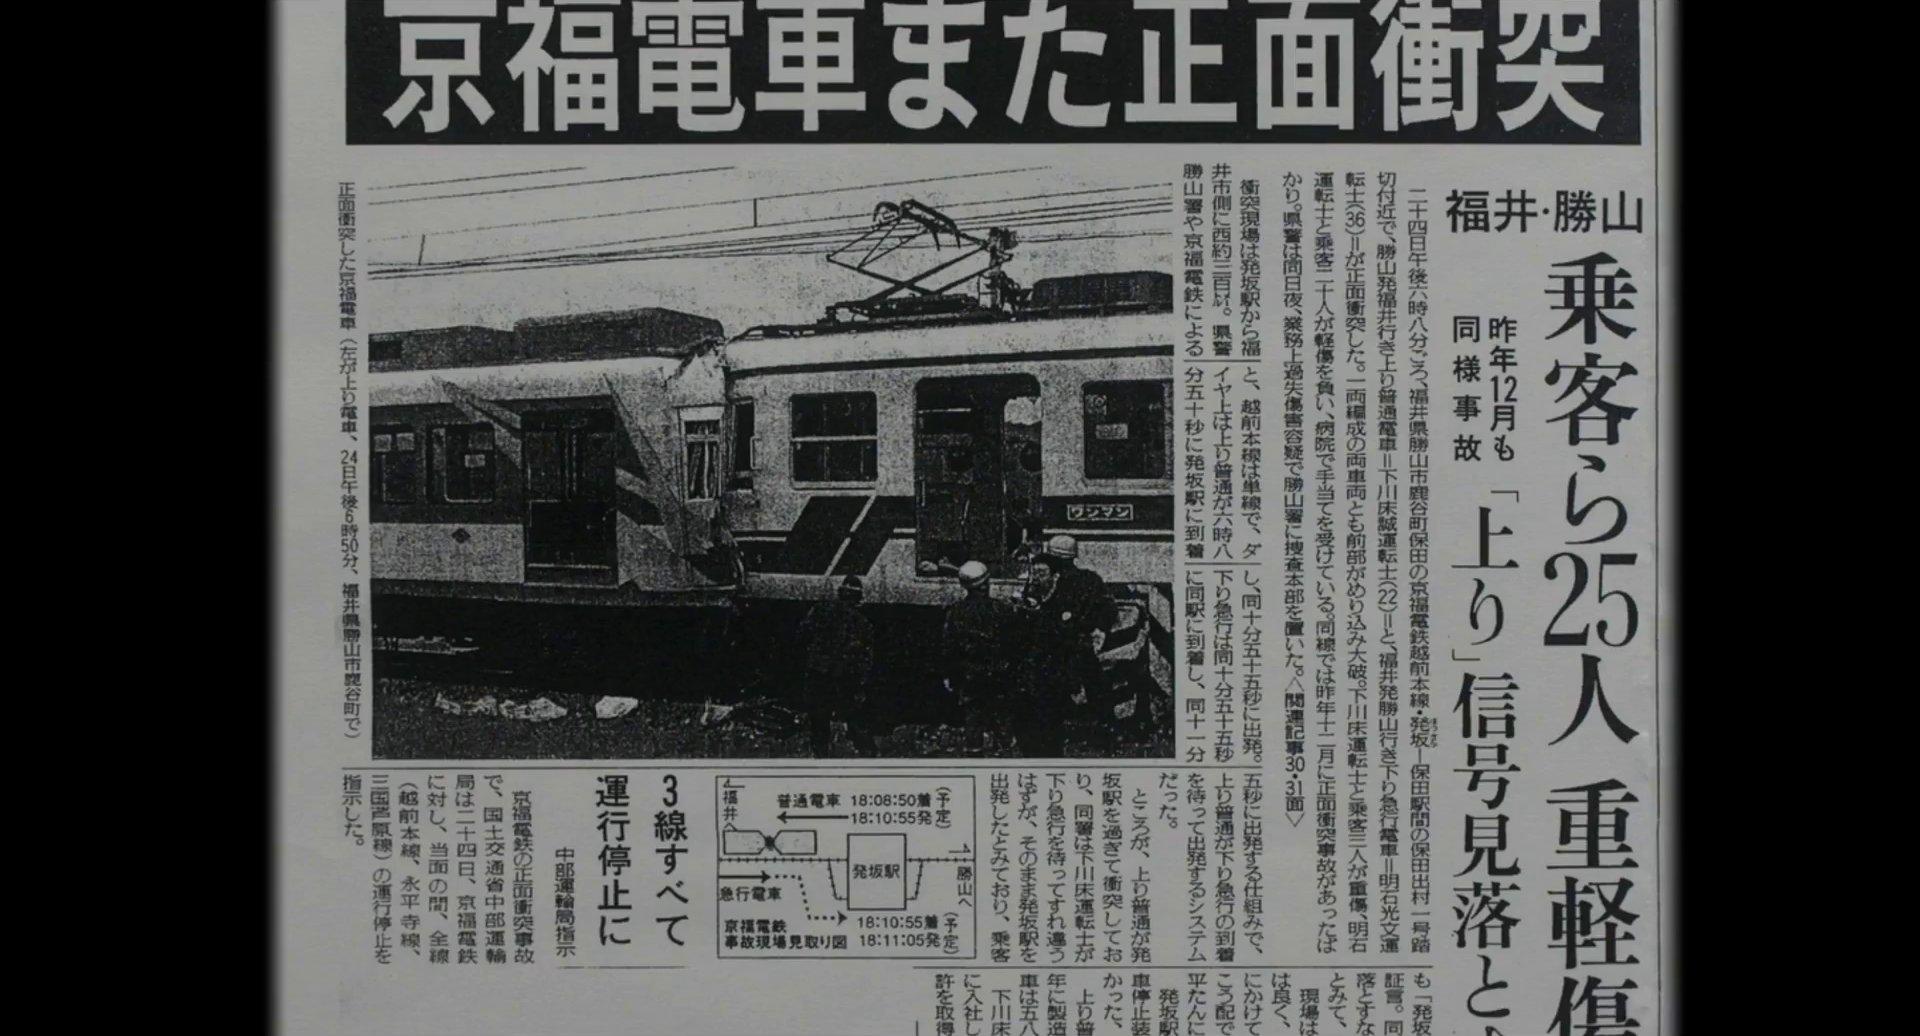 『えちてつ物語』予告編より 京福事故